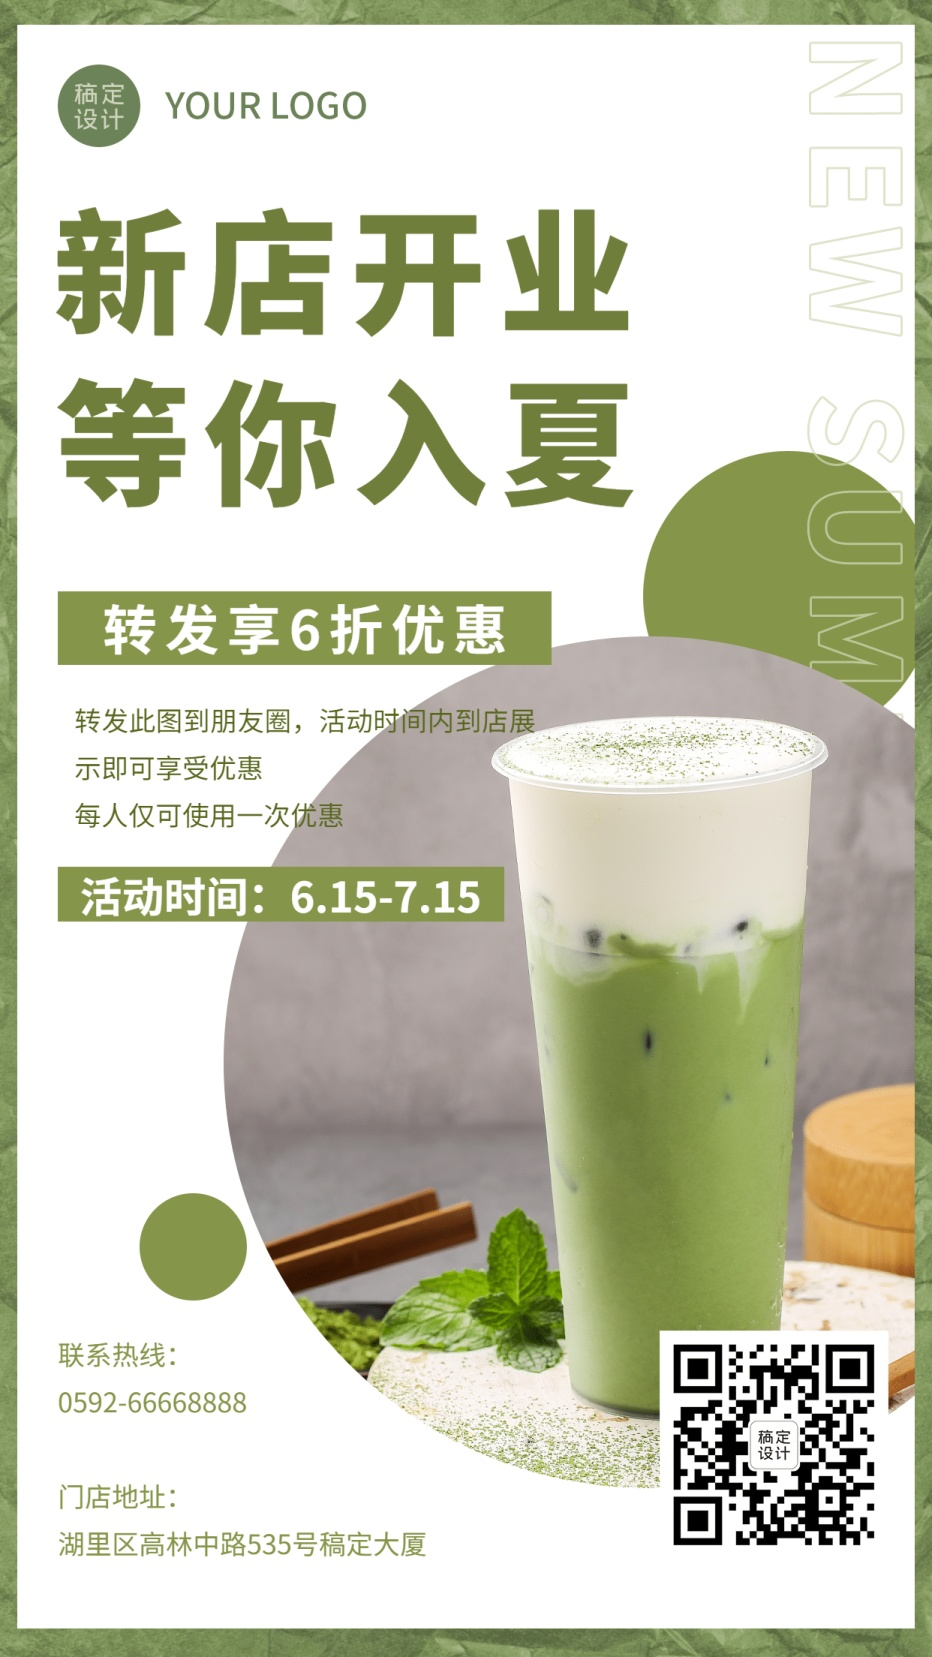 奶茶开业新品展示清新海报